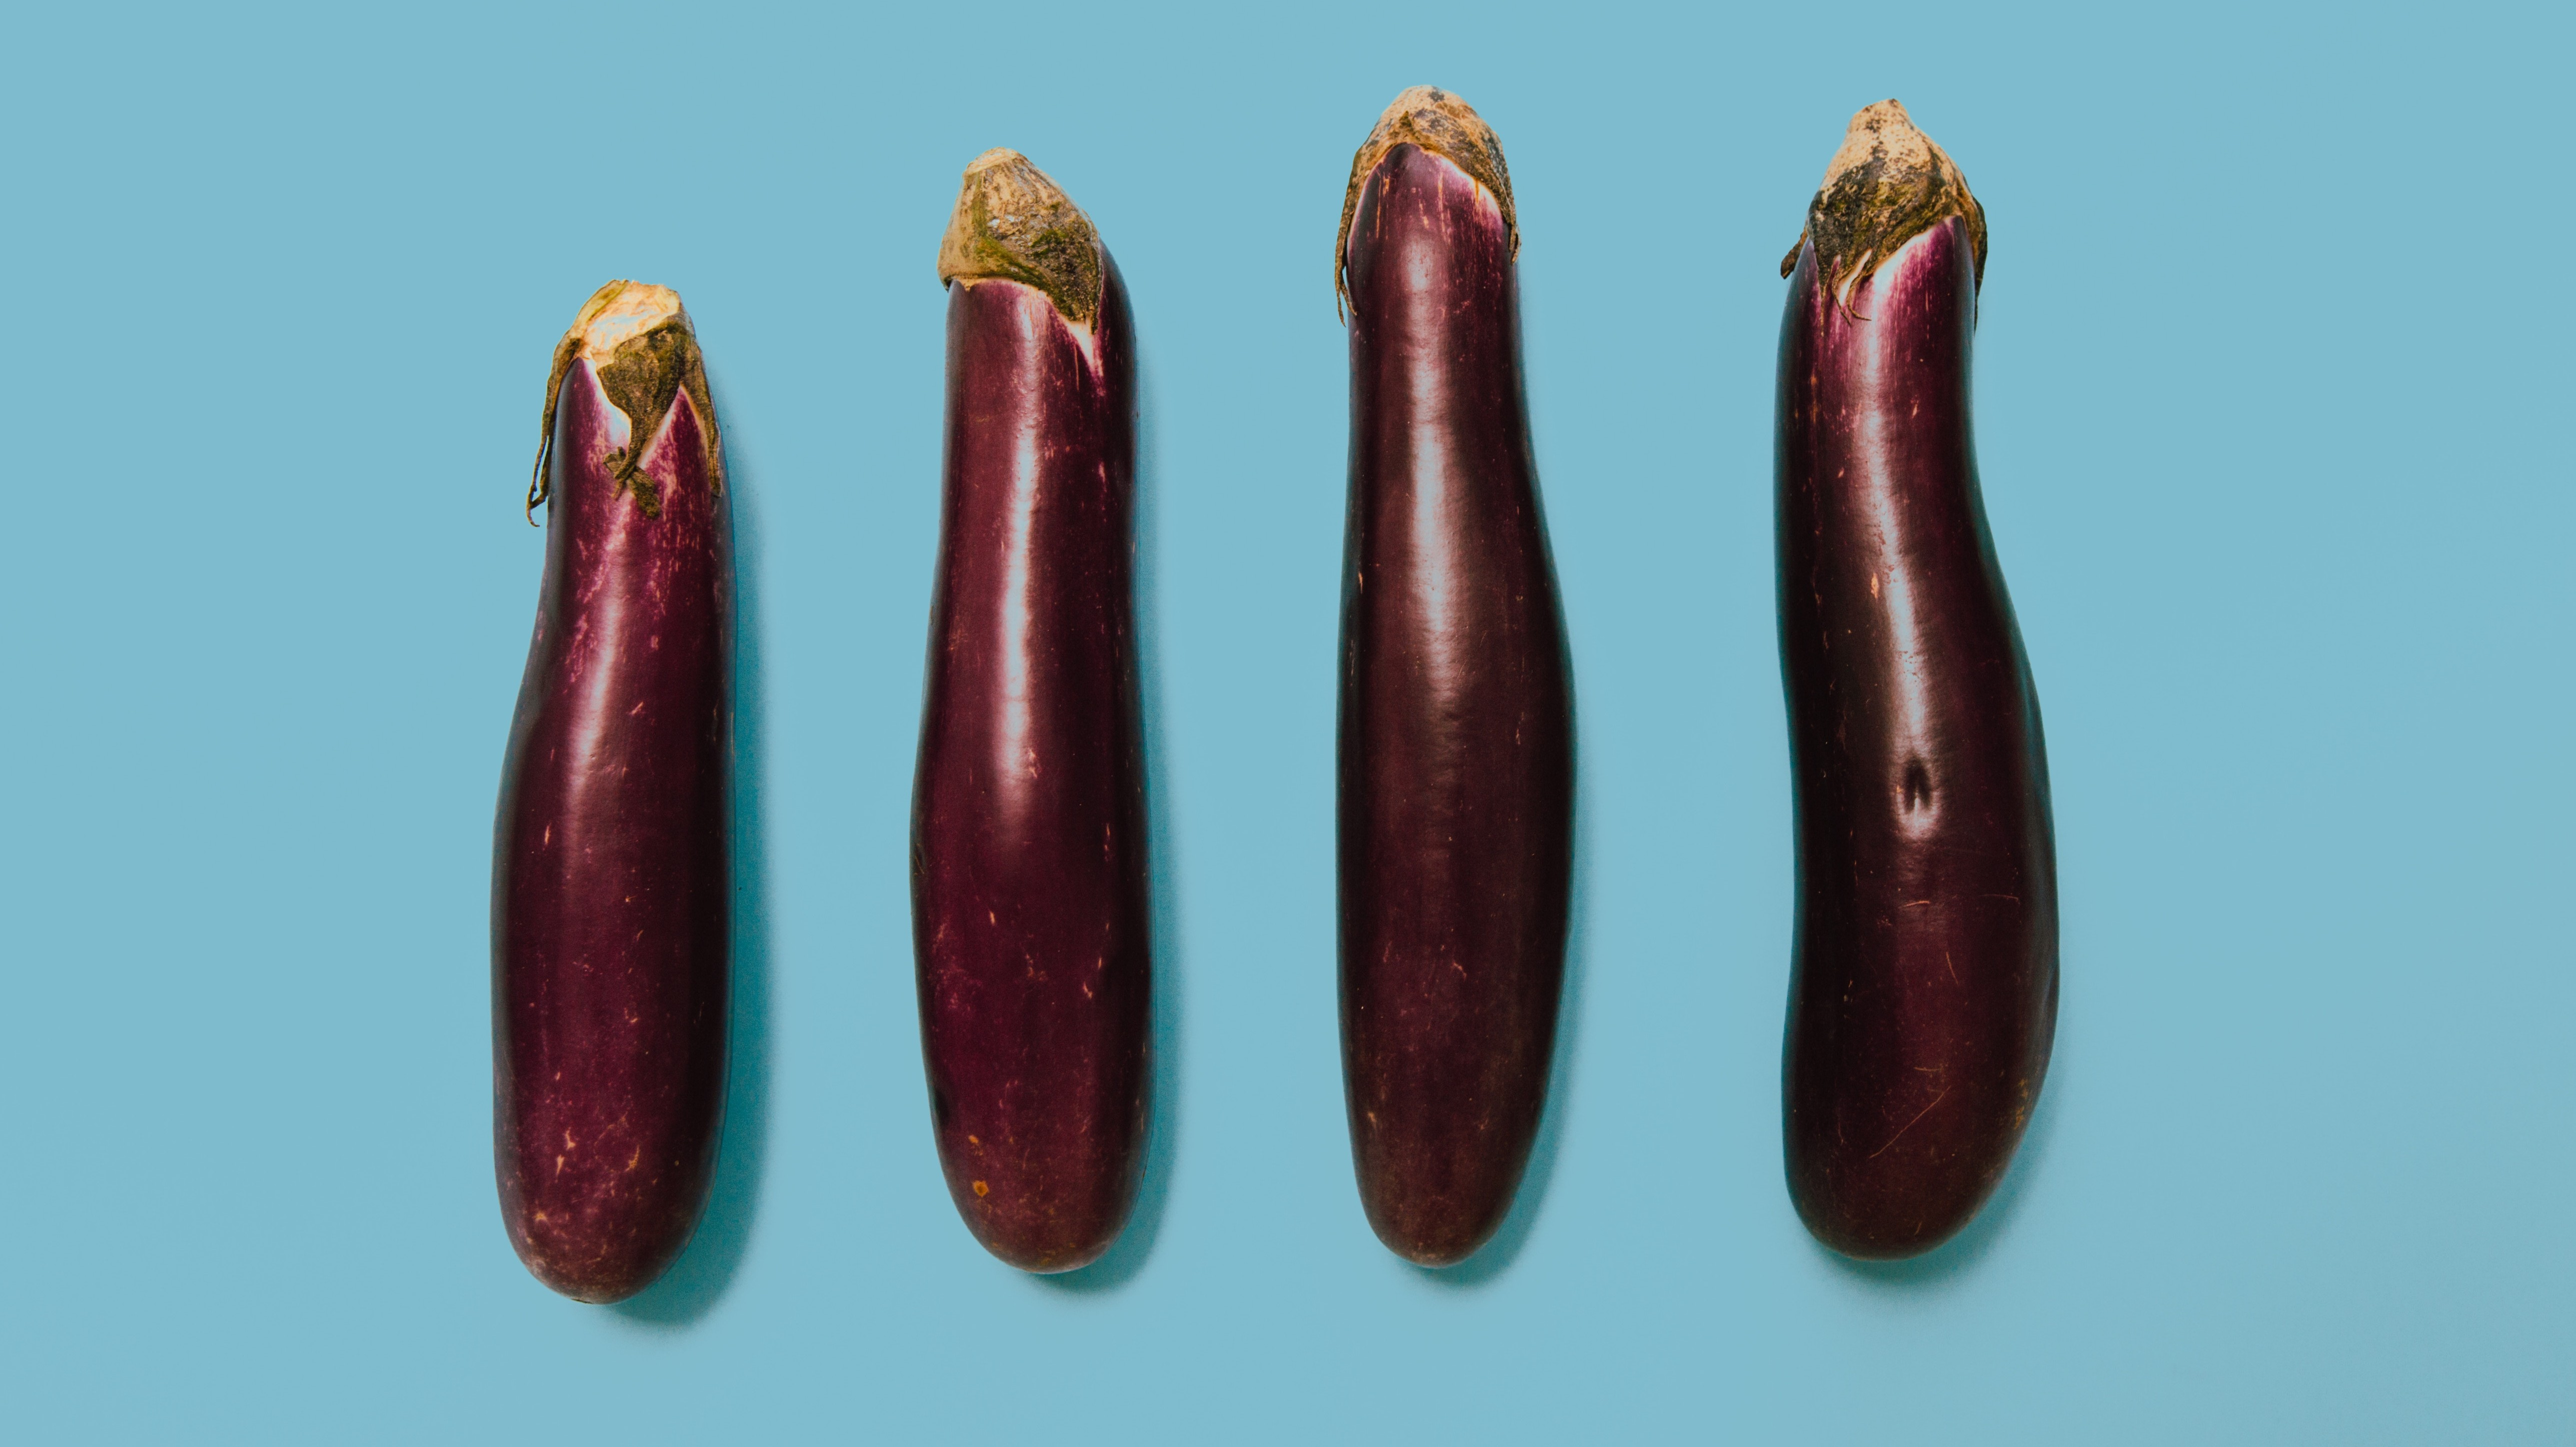 de ce este penisul violet